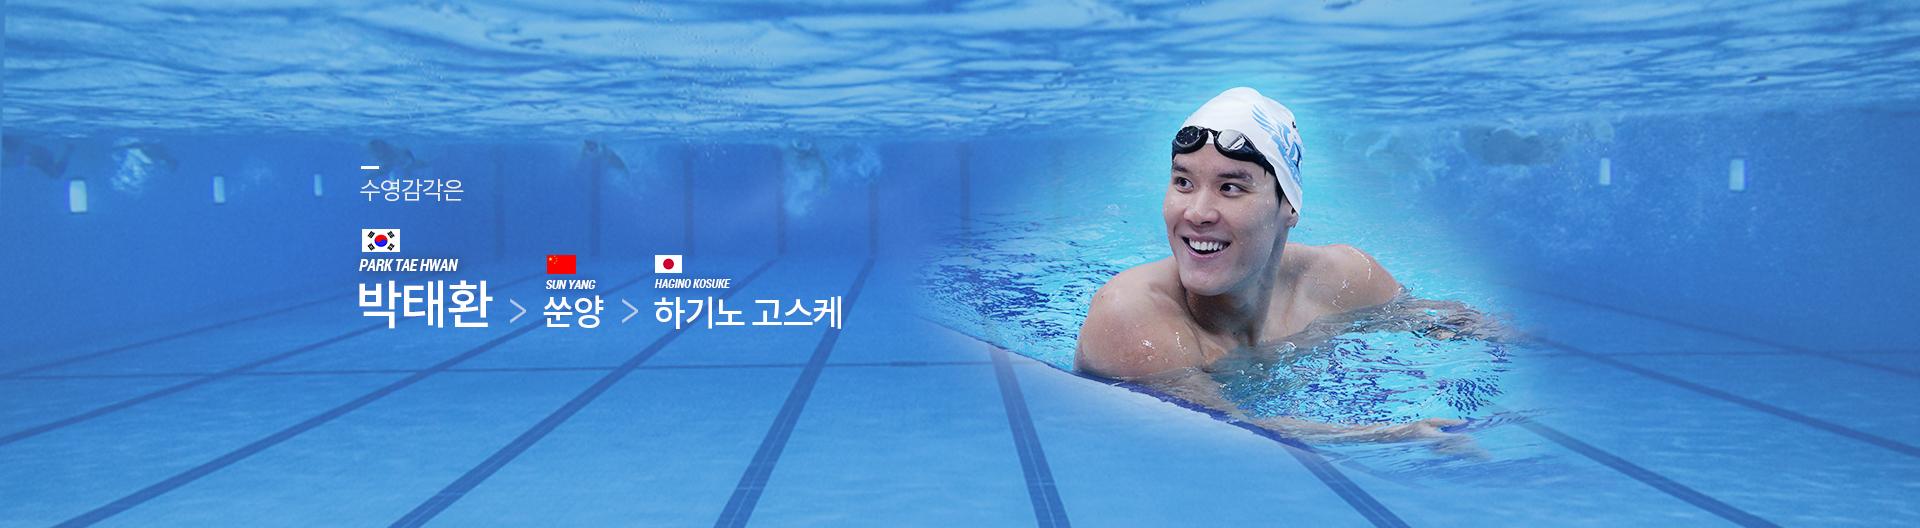 수영감각은.. 박태환>하기노 고스케>쑨양